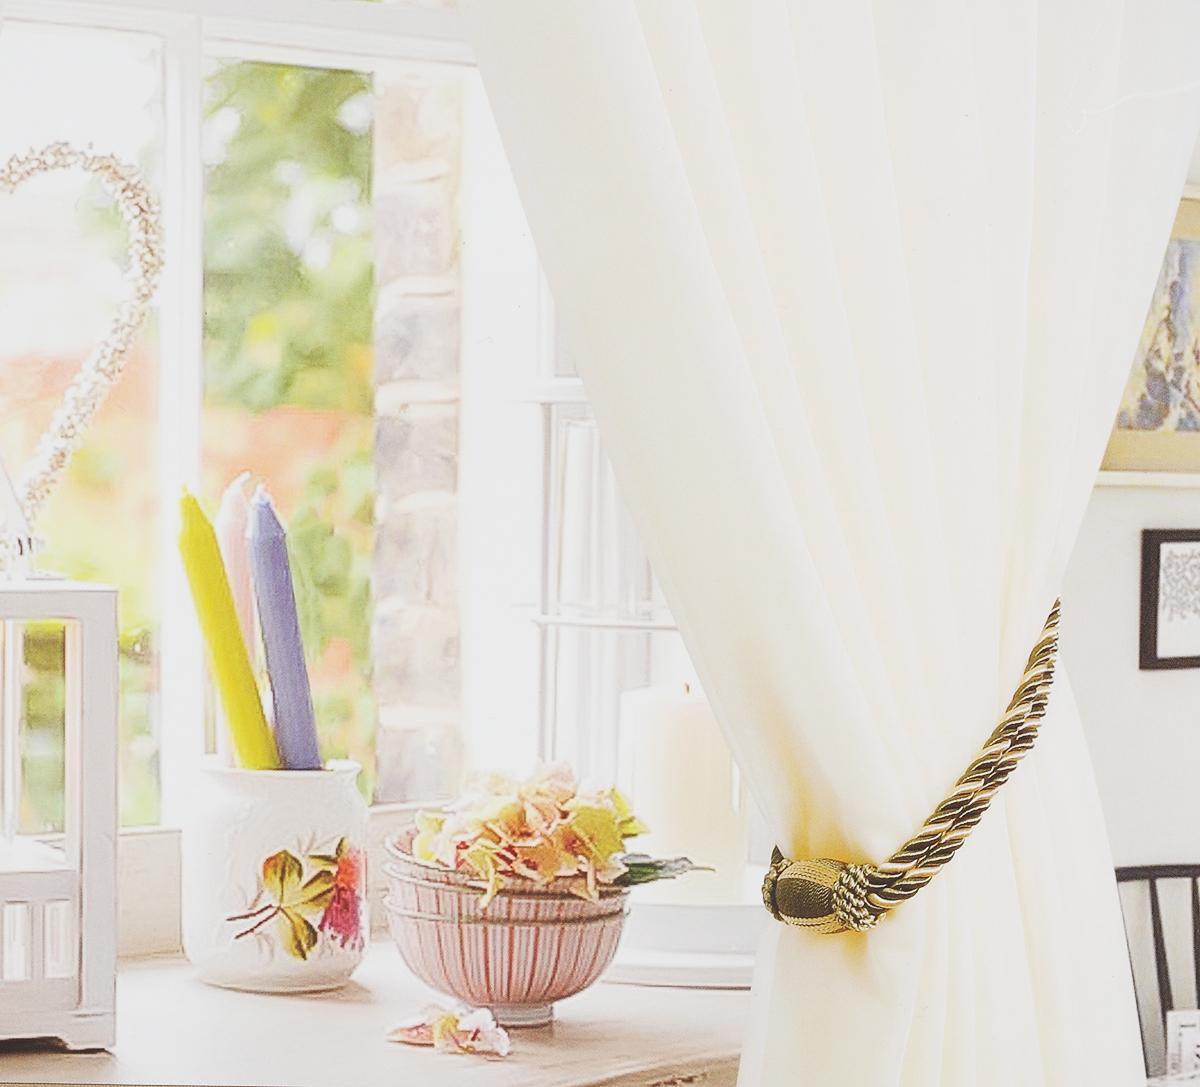 Штора готовая для гостиной Garden, на ленте, цвет: молочный, размер 175х260 см. с w191 v71002с w191 v71002Изящная тюлевая штора Garden выполнена из вуали (100% полиэстера).Полупрозрачная ткань, приятный цвет привлекут к себе внимание иорганично впишутся в интерьер помещения. Такая штора идеально подходит длясолнечных комнат. Мягко рассеивая прямые лучи, она хорошо пропускает дневнойсвет и защищает от посторонних глаз. Отличное решение для многослойногооформления окон. Штора Garden крепится на карниз при помощи ленты, которая поможет красиво иравномерно задрапировать верх.